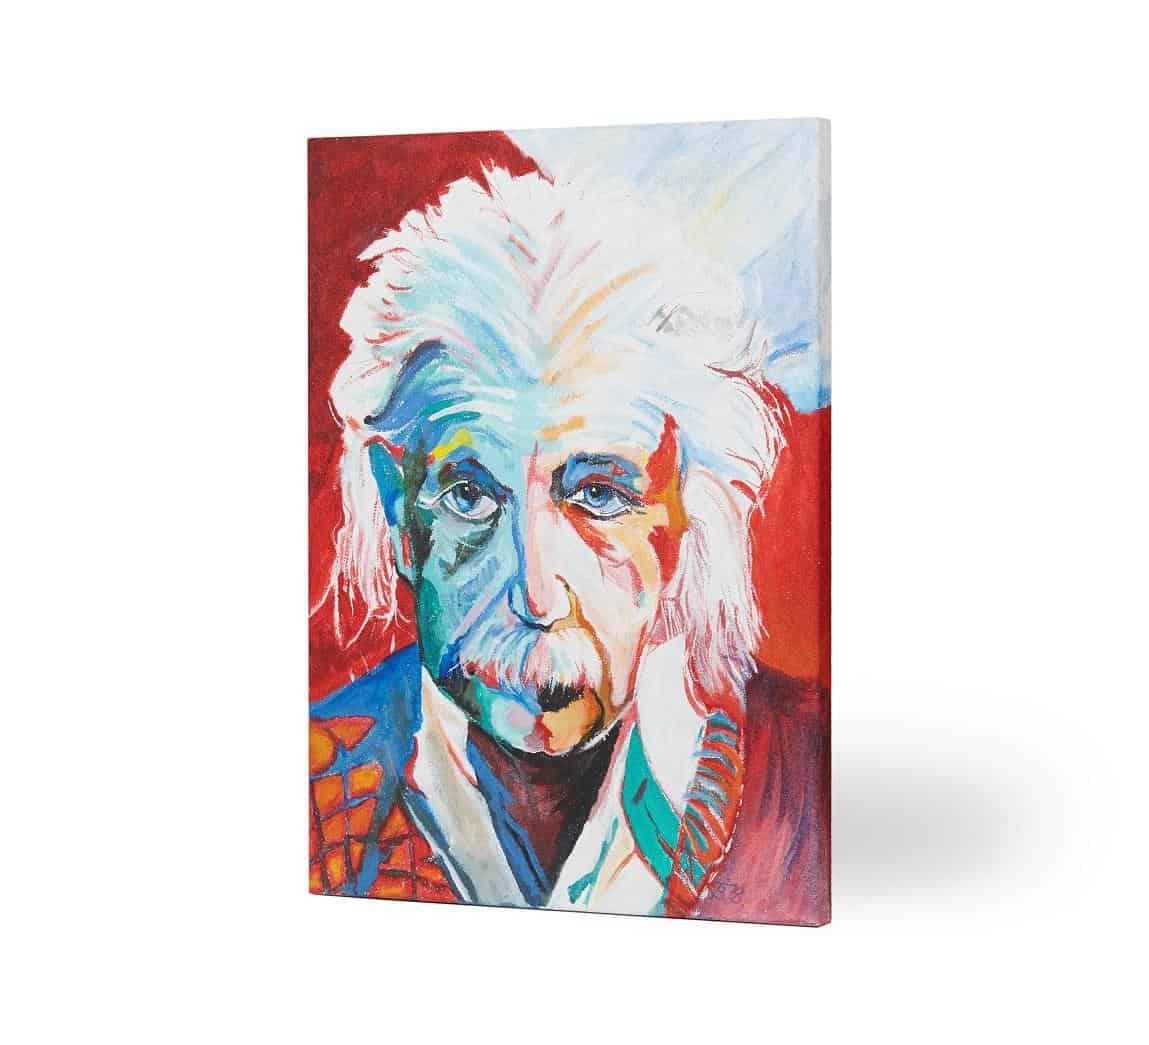 einstein 30 - Promienniki obrazy ręcznie malowane